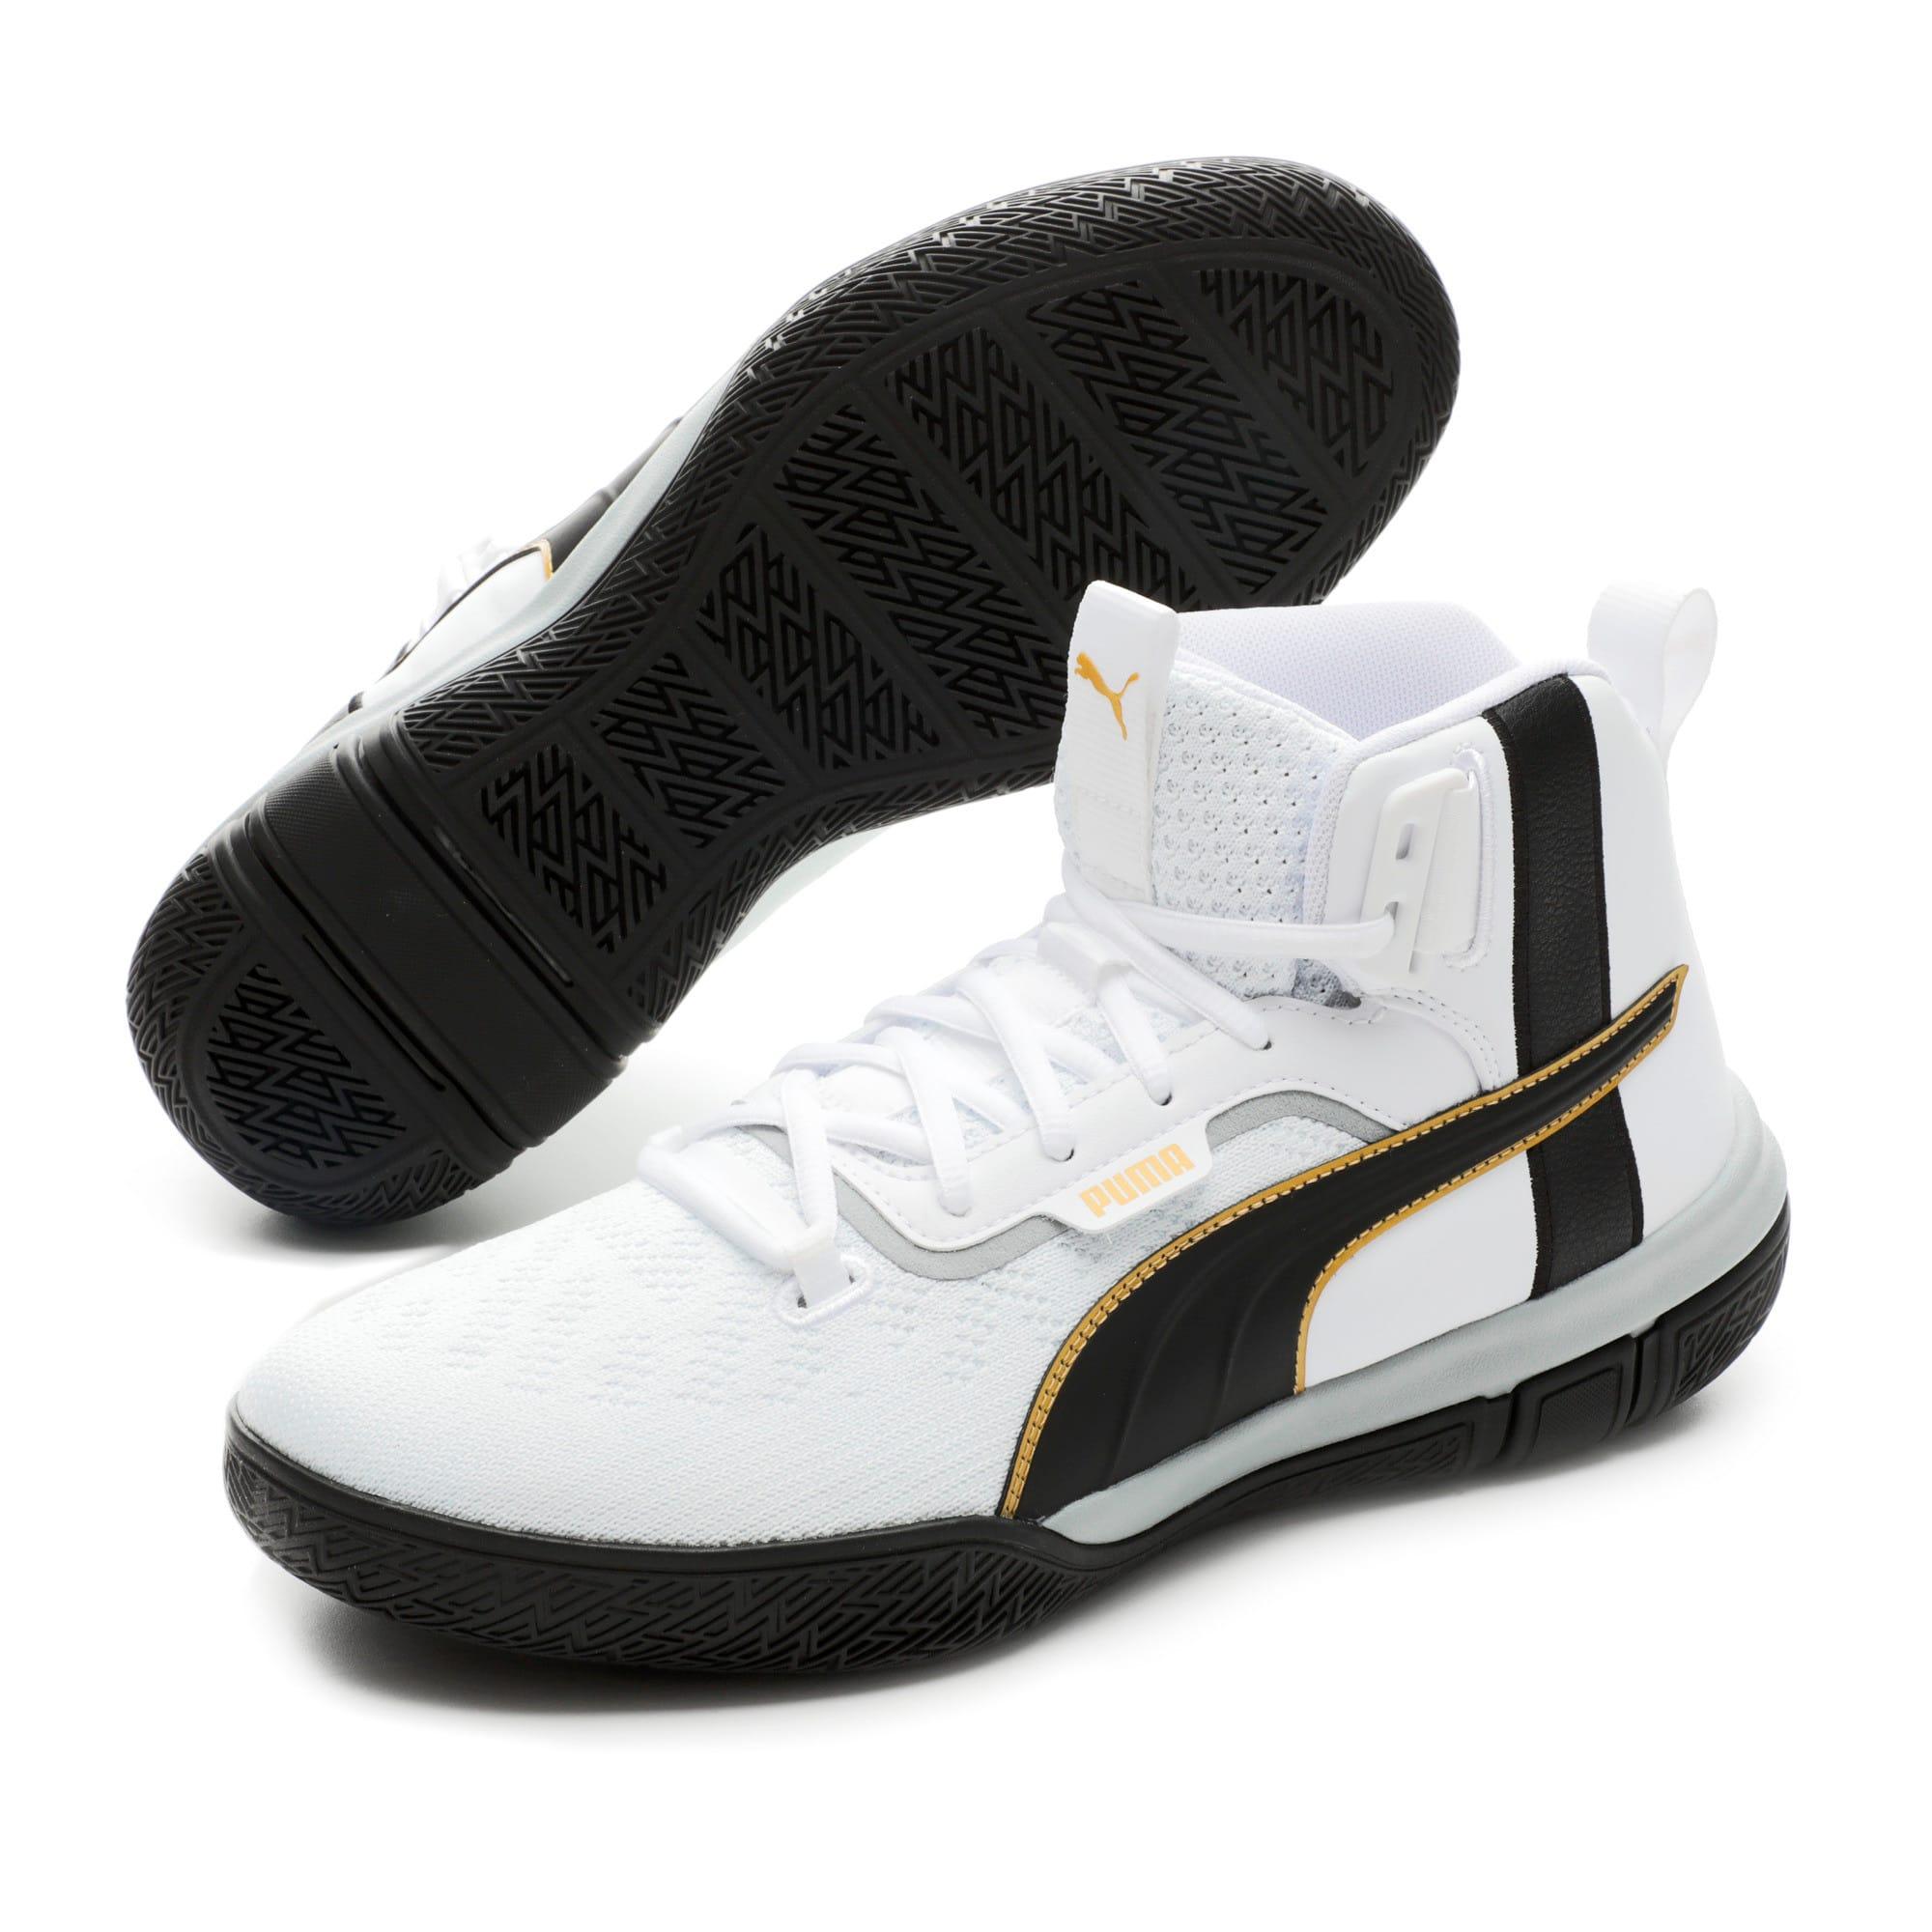 Imagen en miniatura 2 de Zapatillas de baloncesto Legacy '68, Puma Black-Puma White, mediana